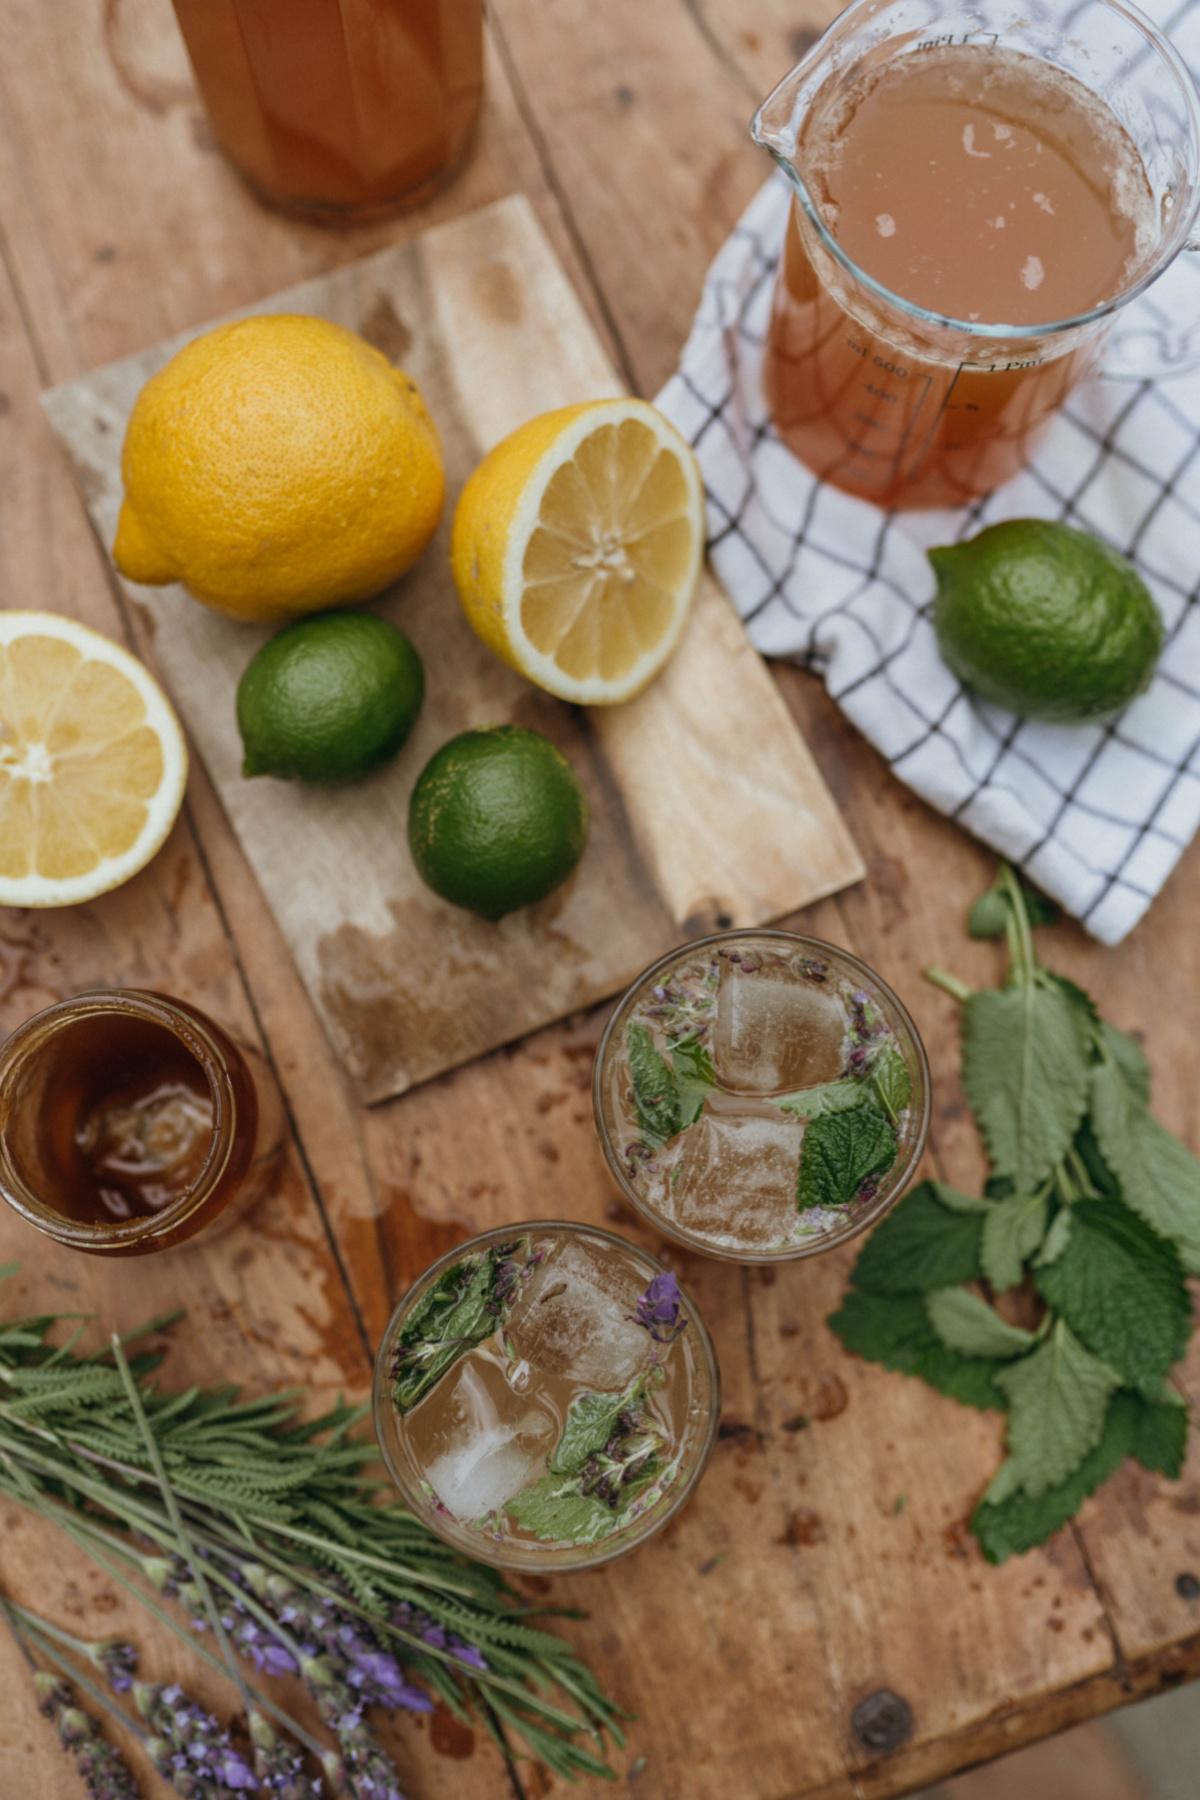 ingredients to make herbal lemonade